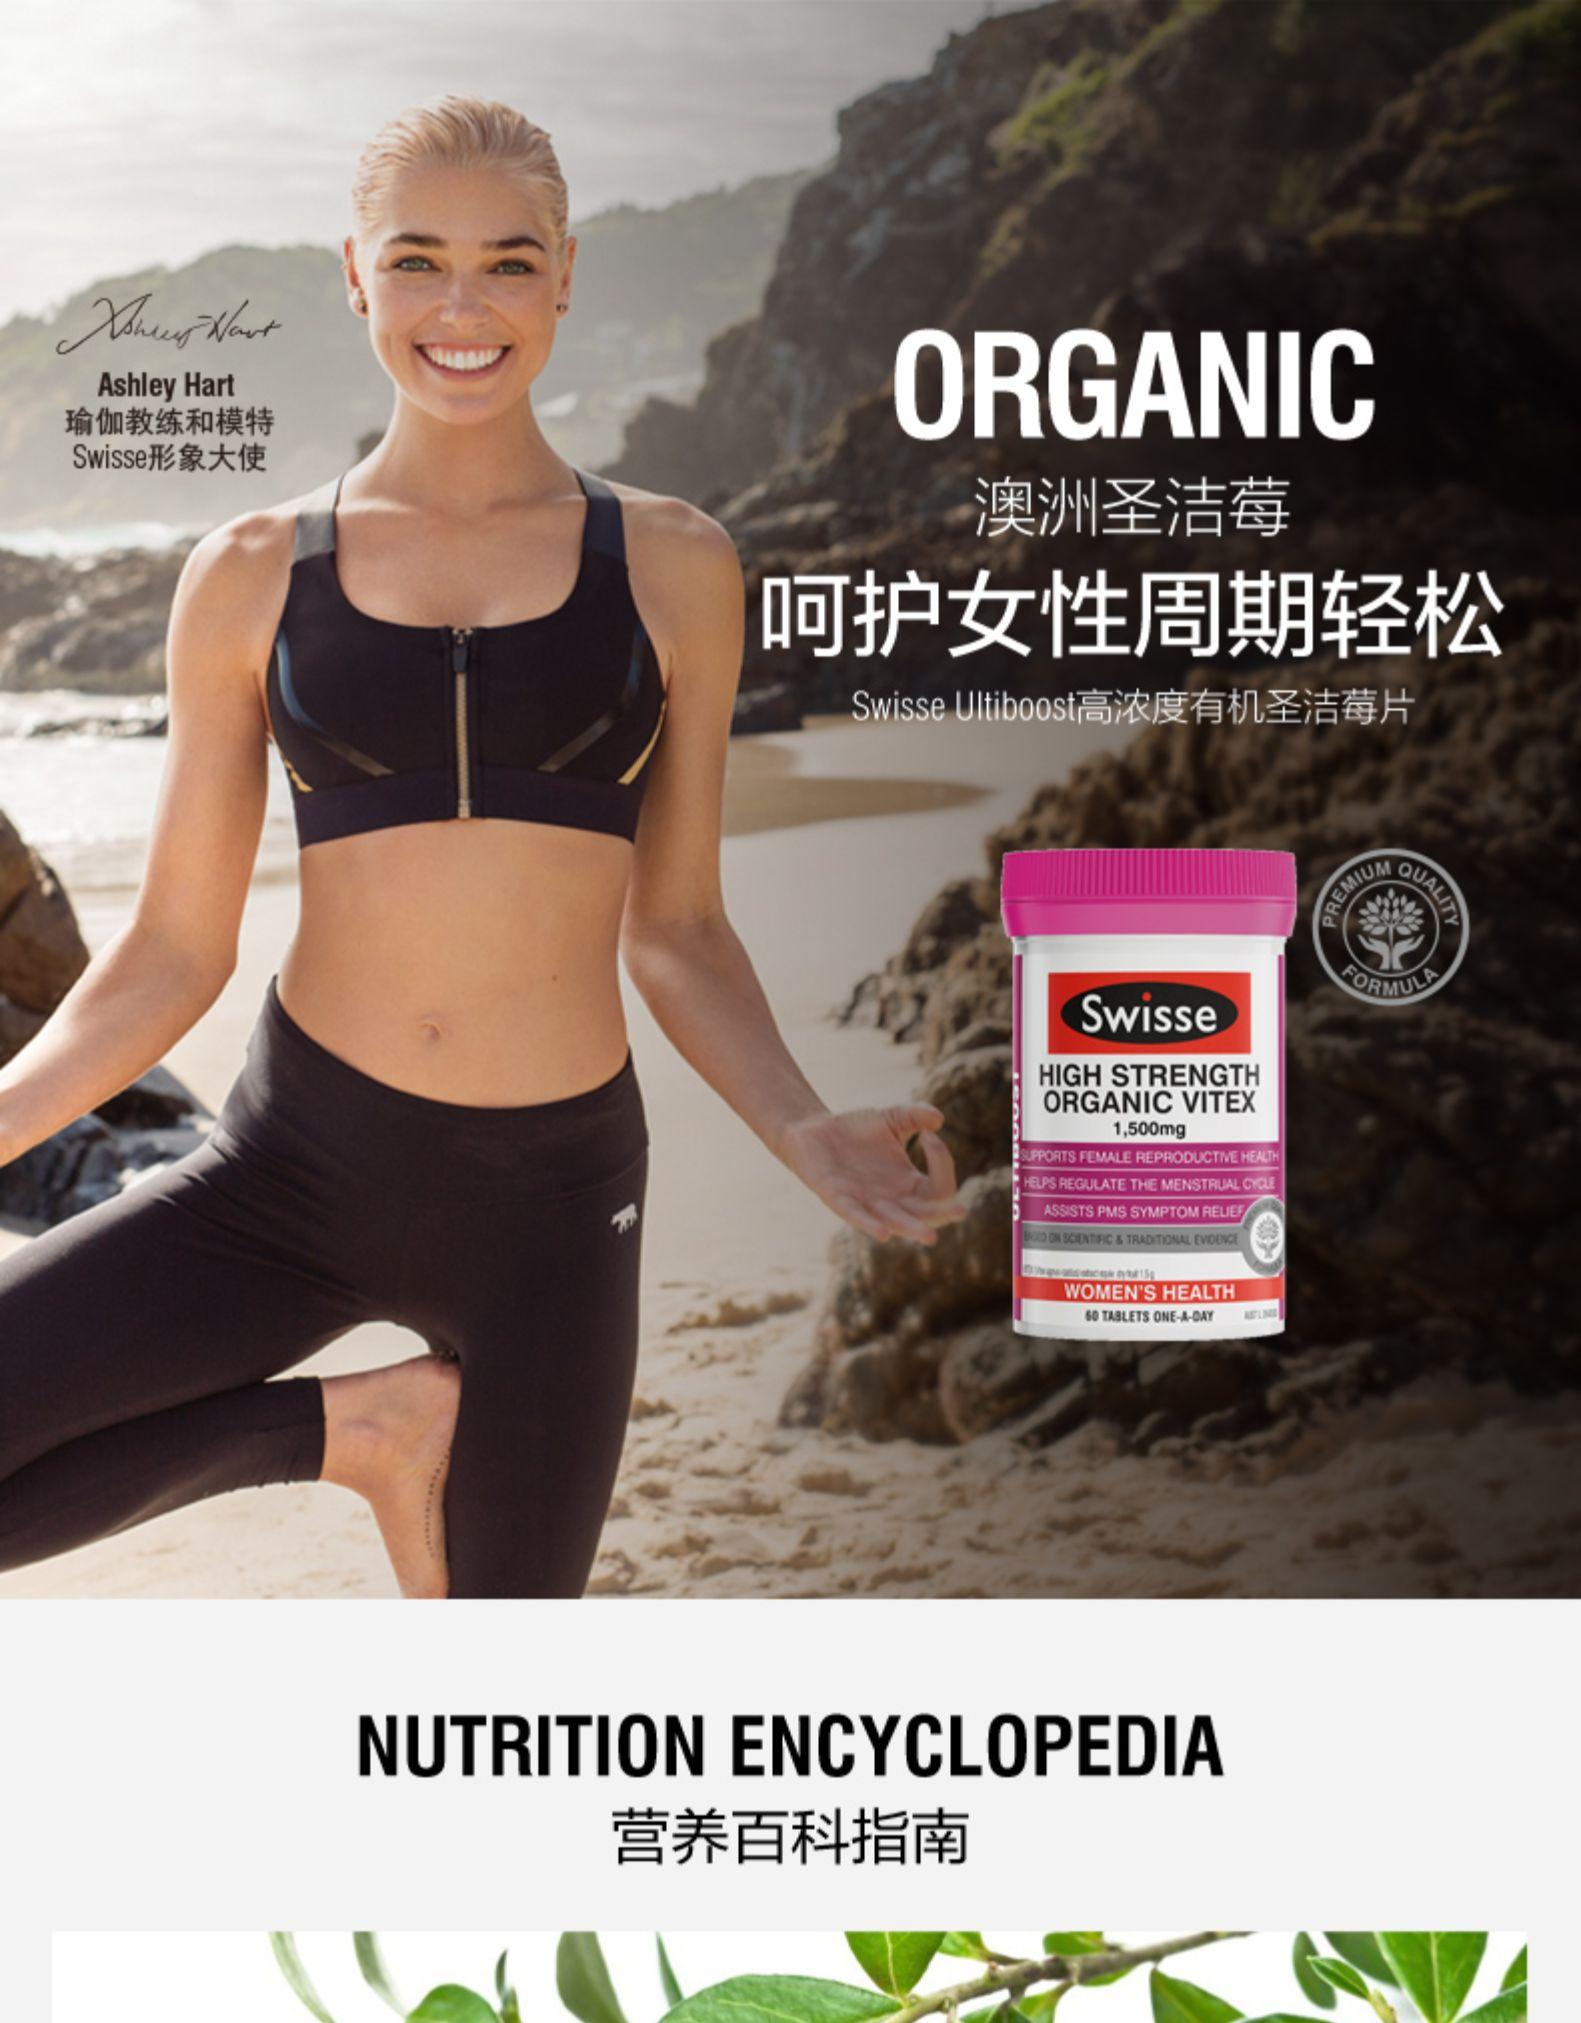 澳洲进口 Swisse 高浓度圣洁莓片1500mg 60片缓解女性痛经不适¥176.00 我们的产品 第6张